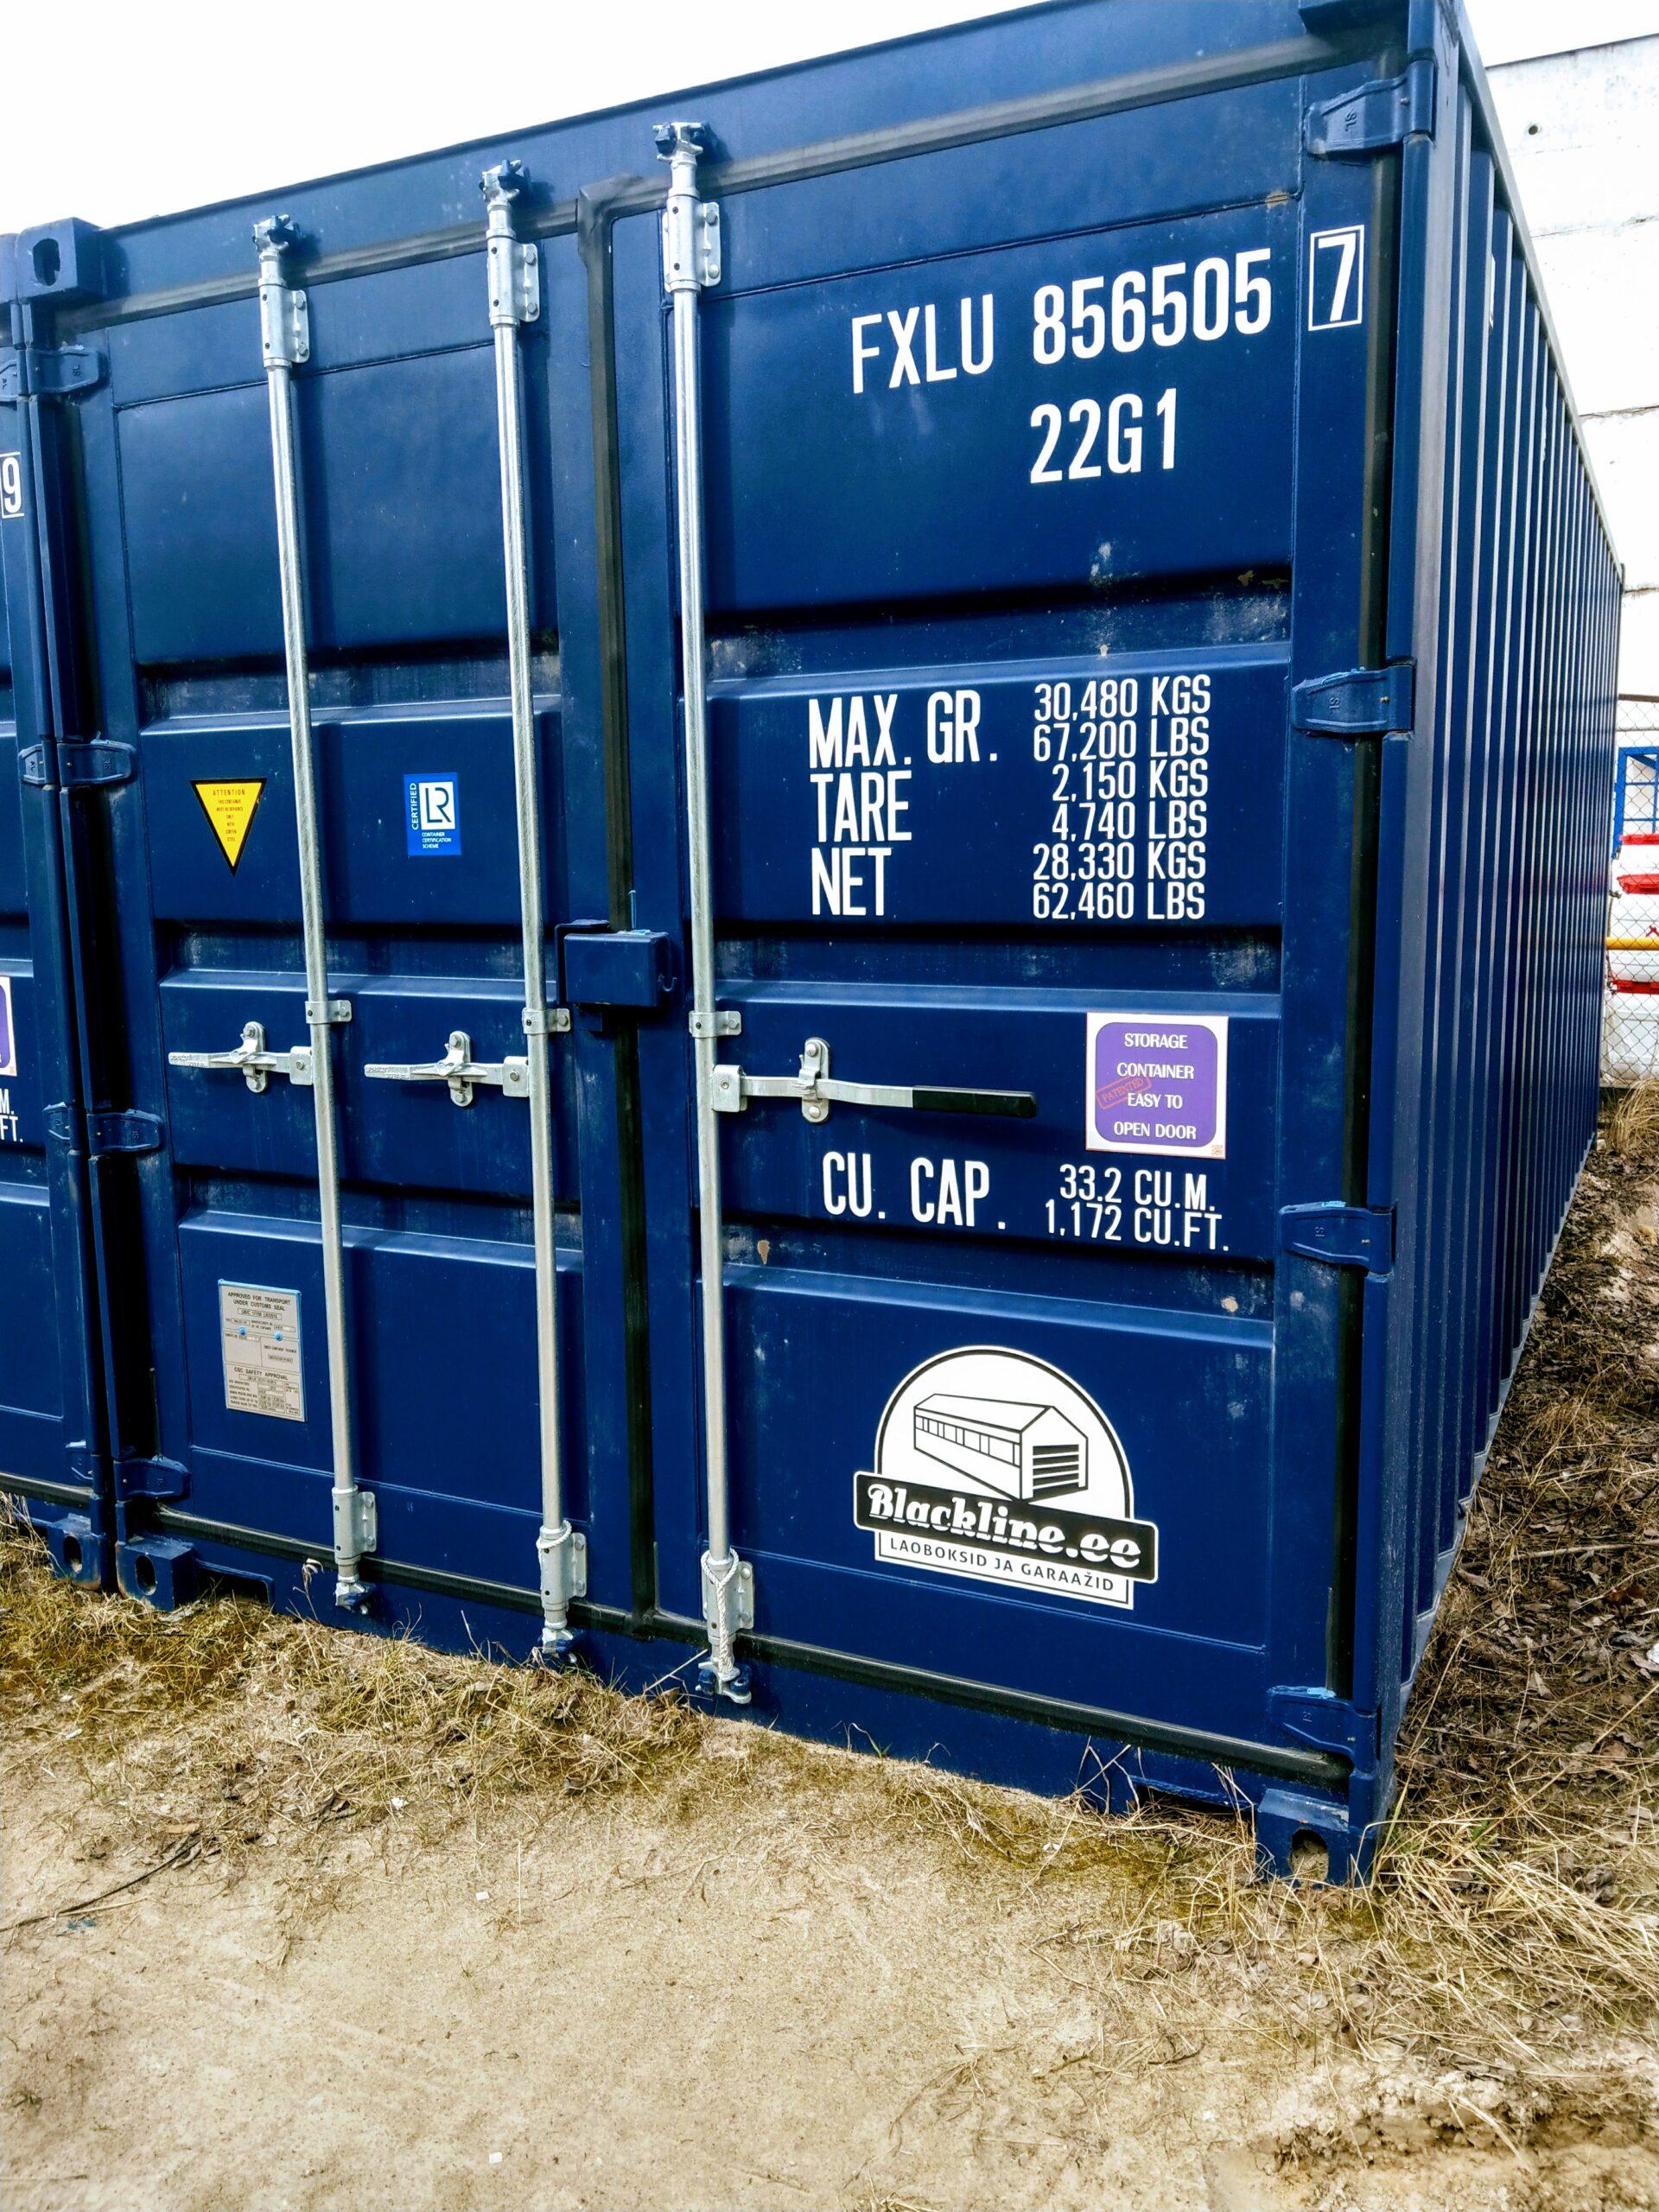 Uus konteinerladu NR 11 – FXLU8555057